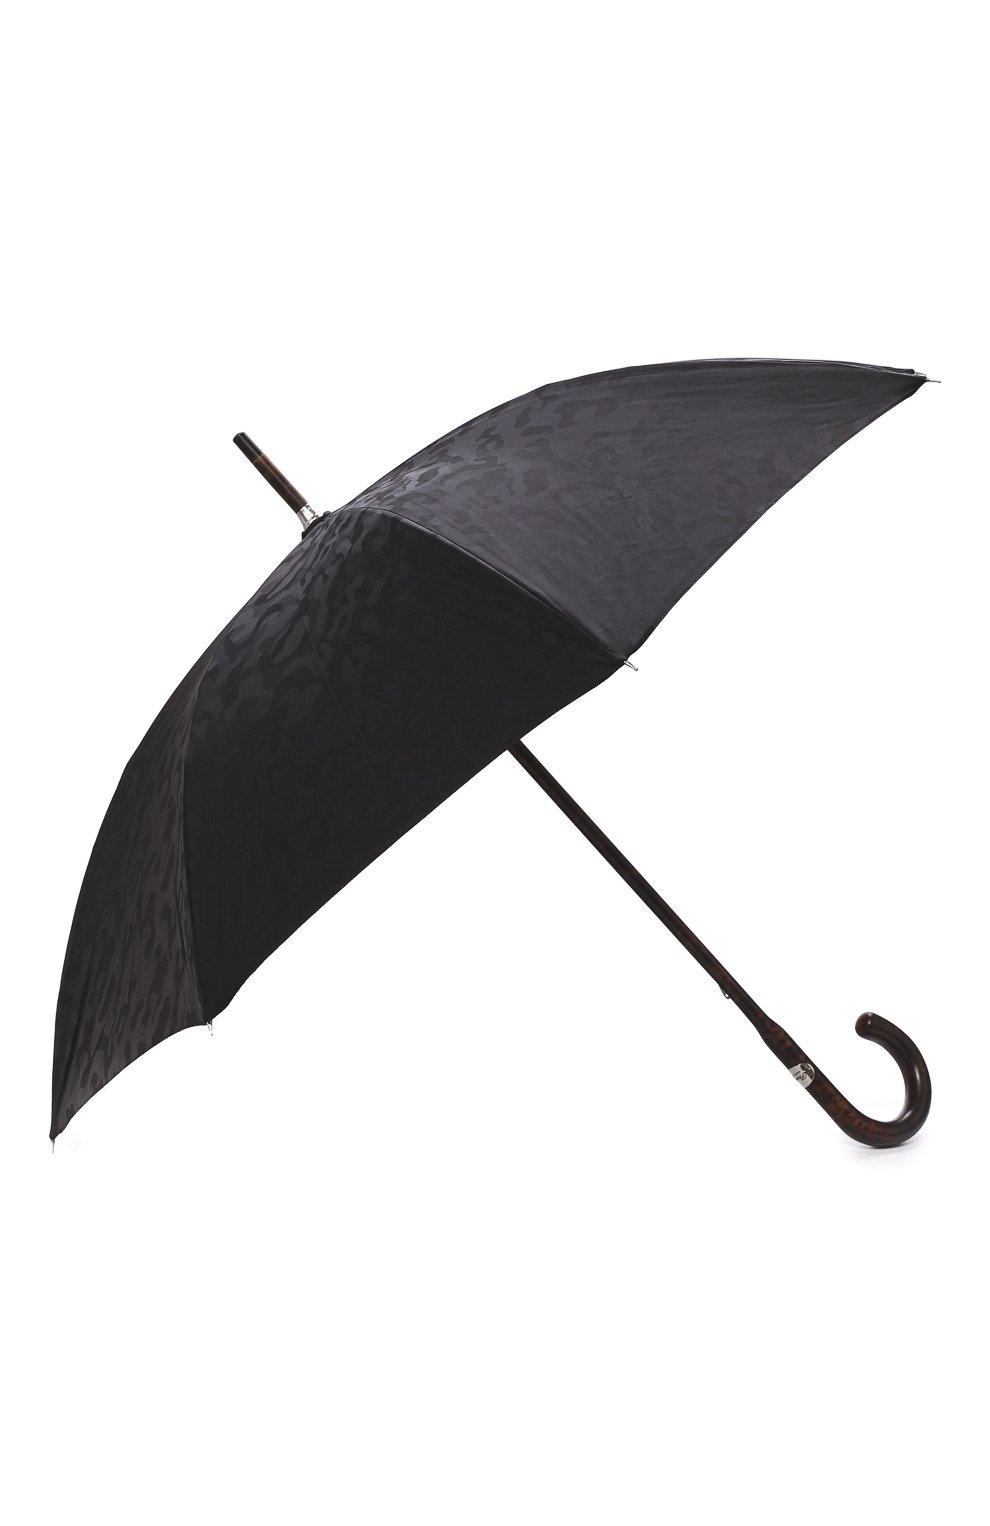 Мужской зонт-трость PASOTTI OMBRELLI черного цвета, арт. 142/MILITARE 11780/142/W00DEN CLASSIC HANDLE | Фото 2